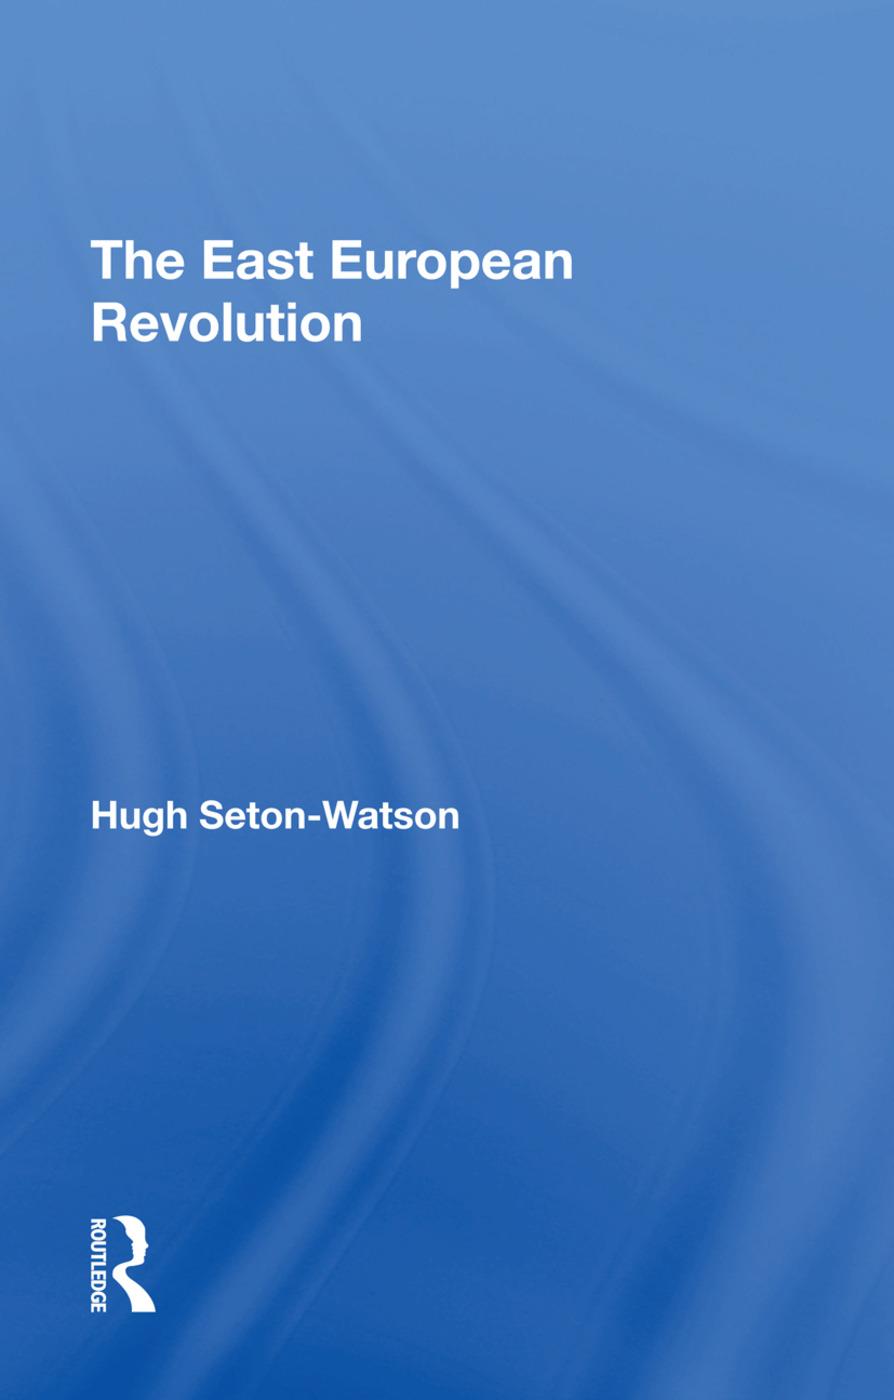 The East European Revolution